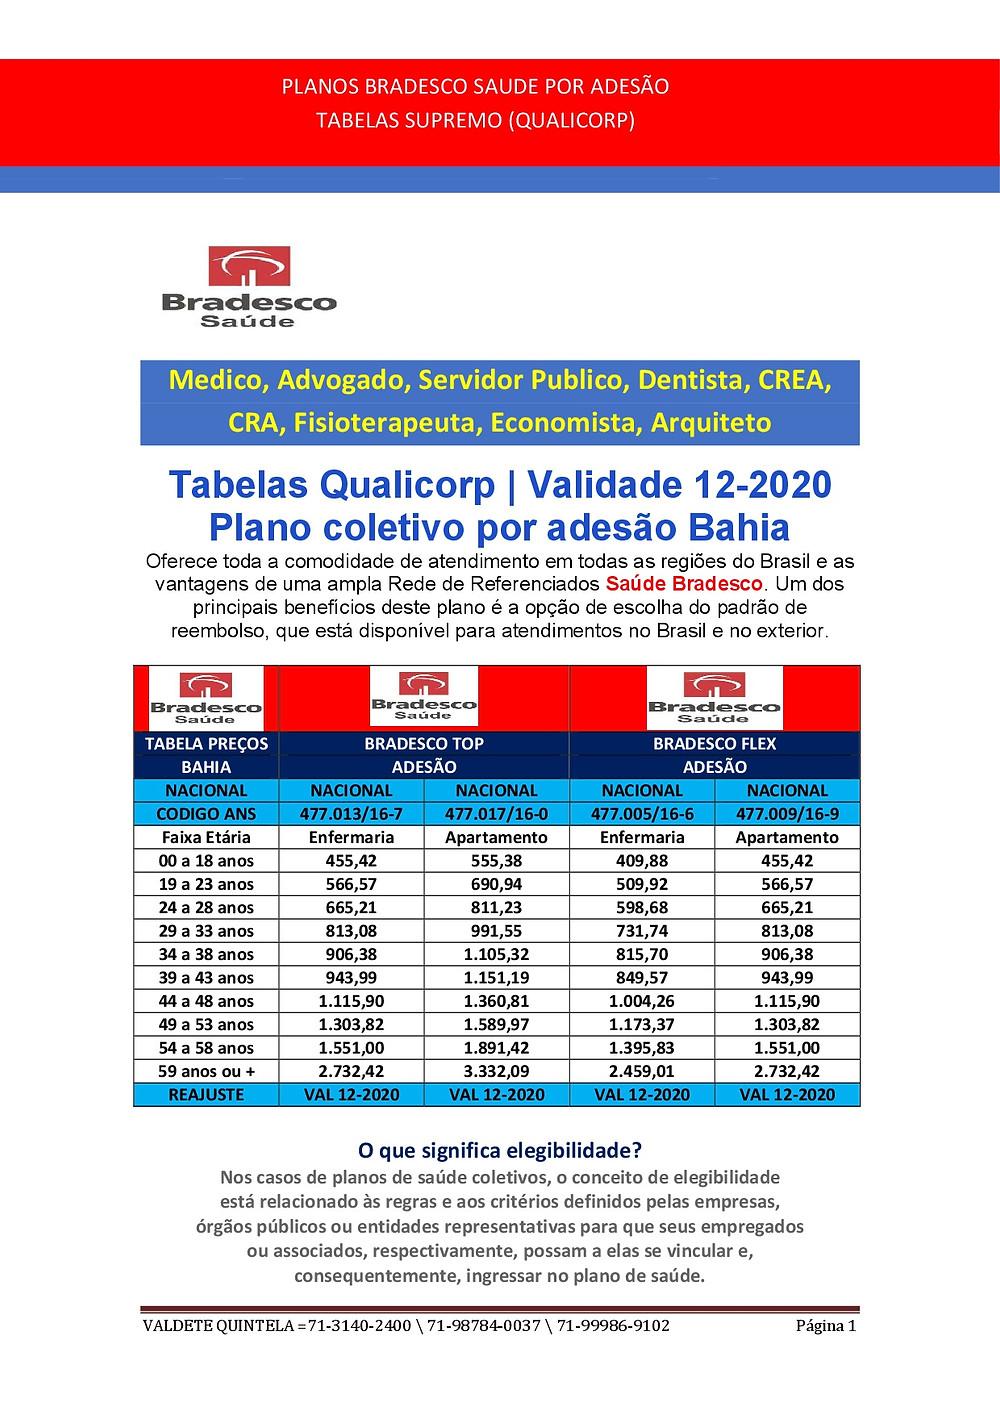 Tabela de preços Planos de Saude - BA